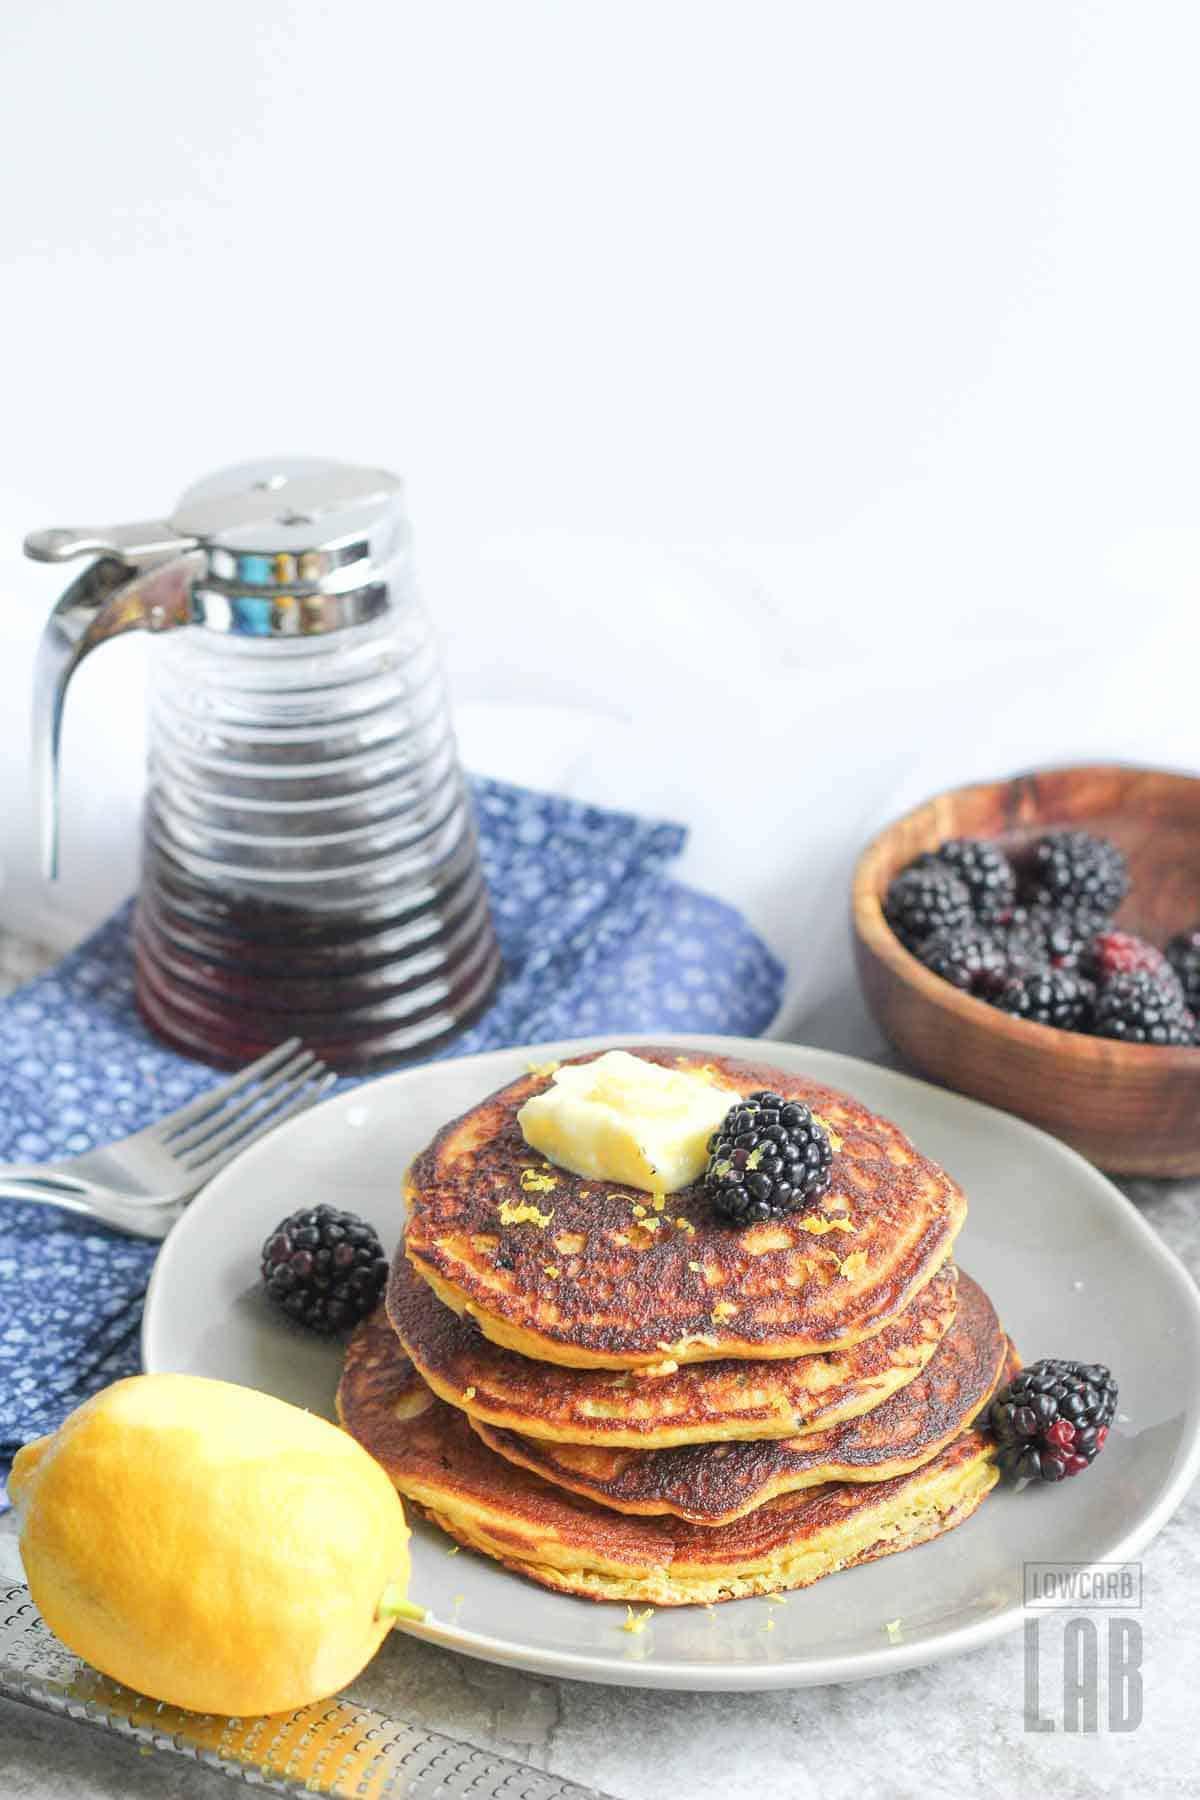 Low carb blackberry pancakes recipe with lemon zest